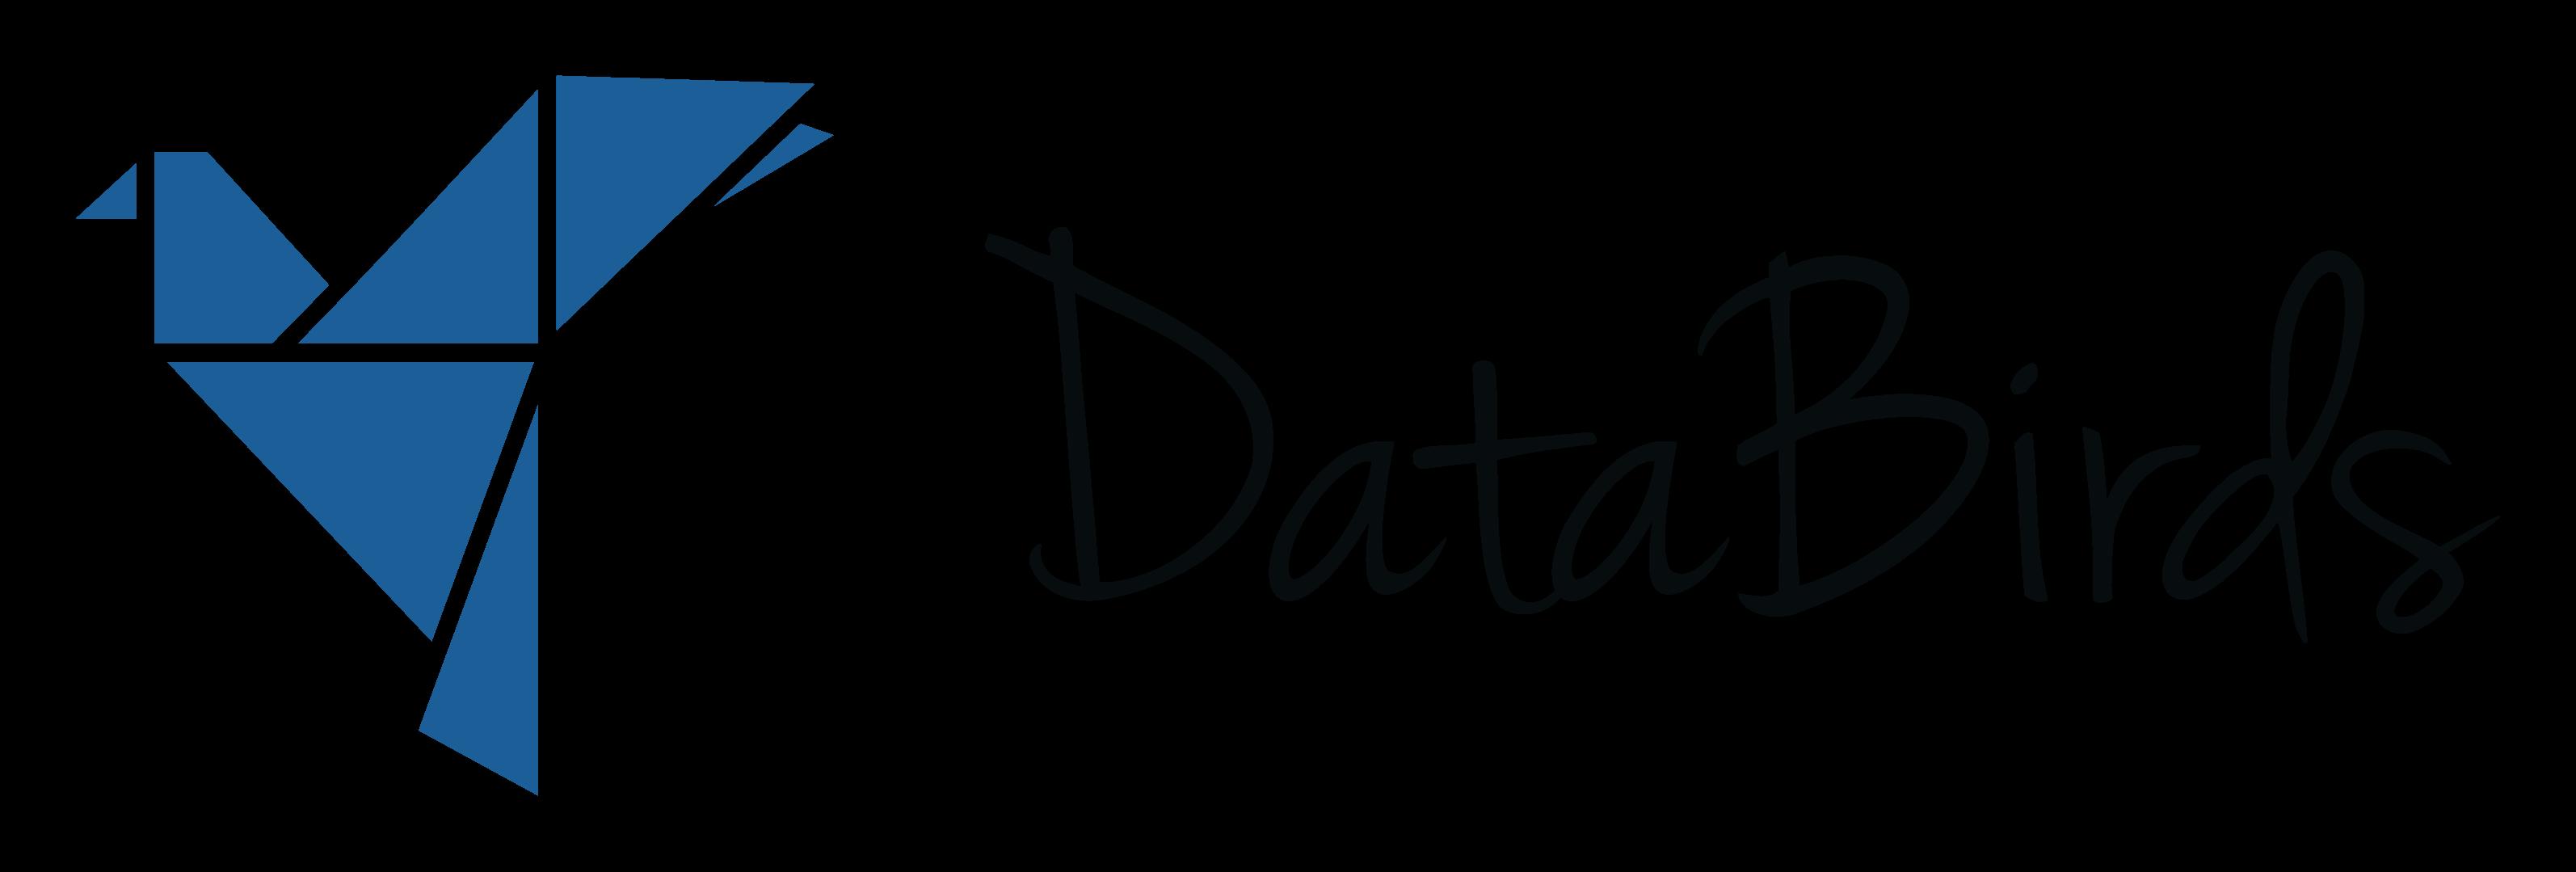 Data Birds